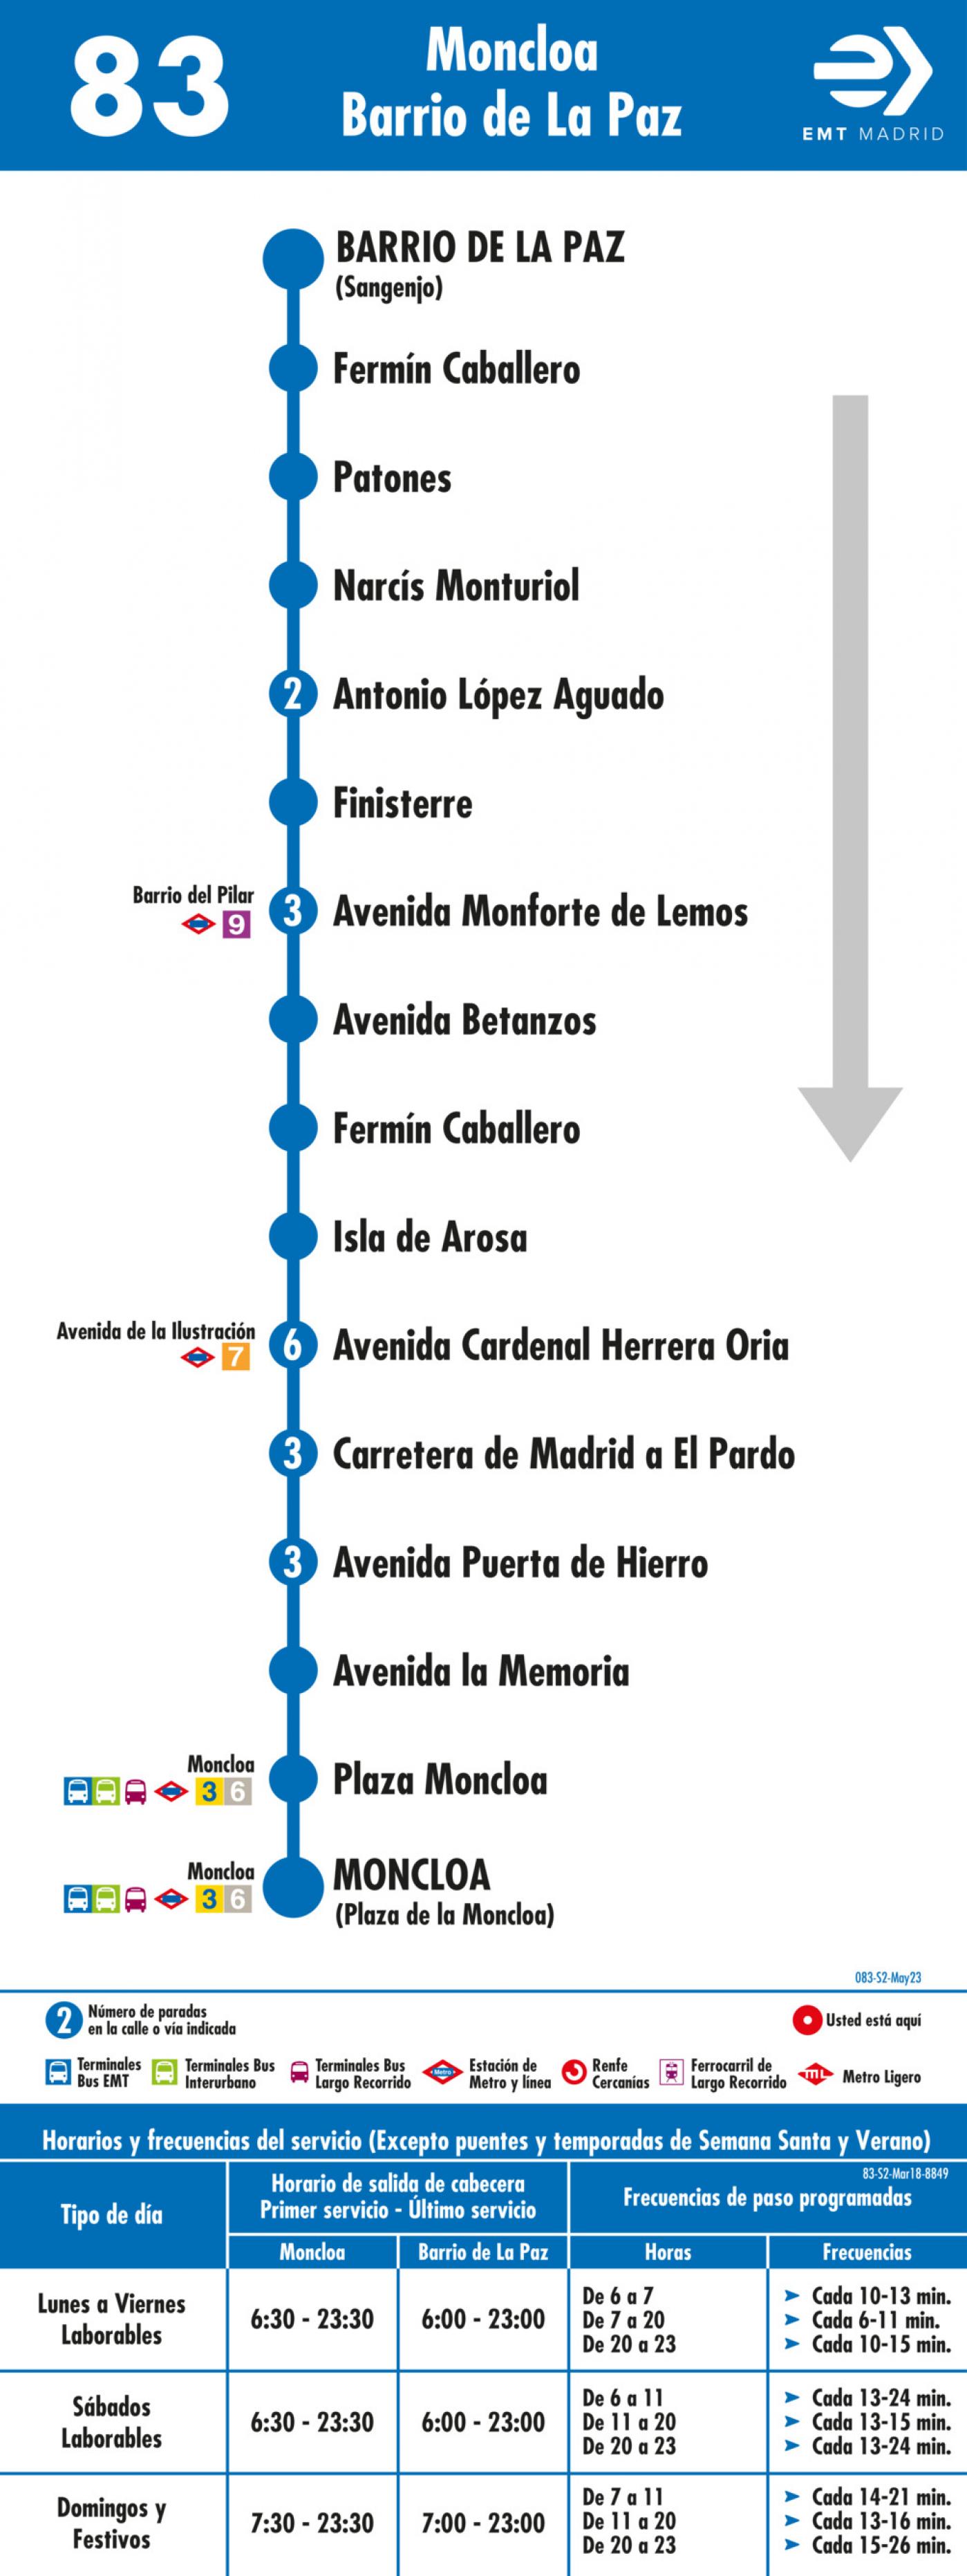 Tabla de horarios y frecuencias de paso en sentido vuelta Línea 83: Moncloa - Barrio del Pilar